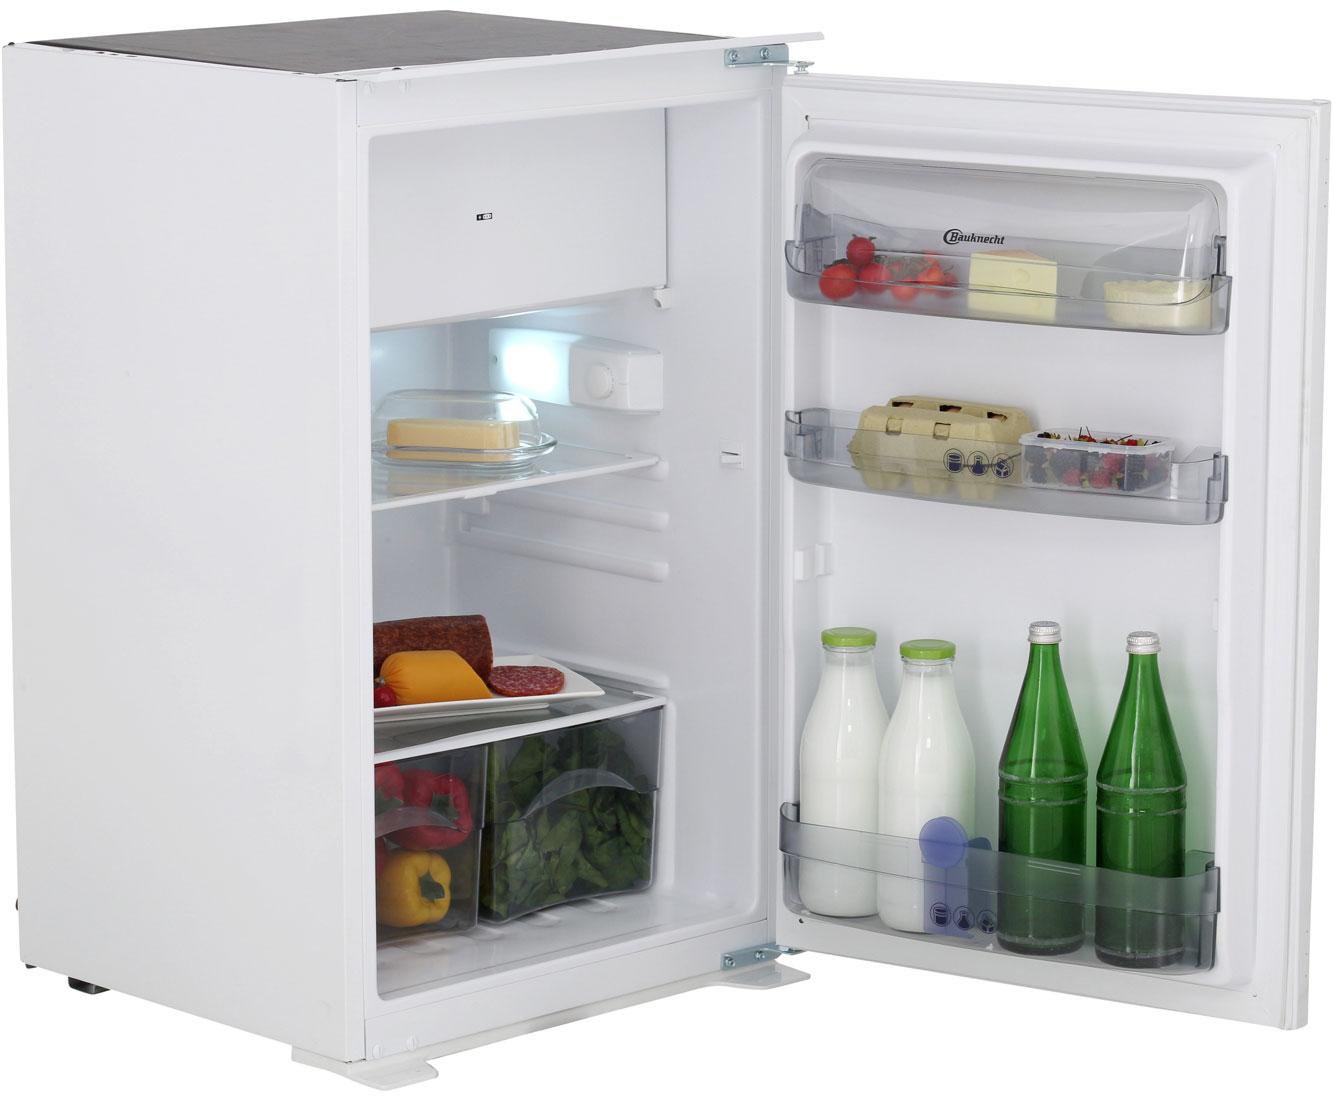 Mini Kühlschrank Zum Einbauen : Bauknecht kvi 1884 a einbau kühlschrank mit gefrierfach 88er